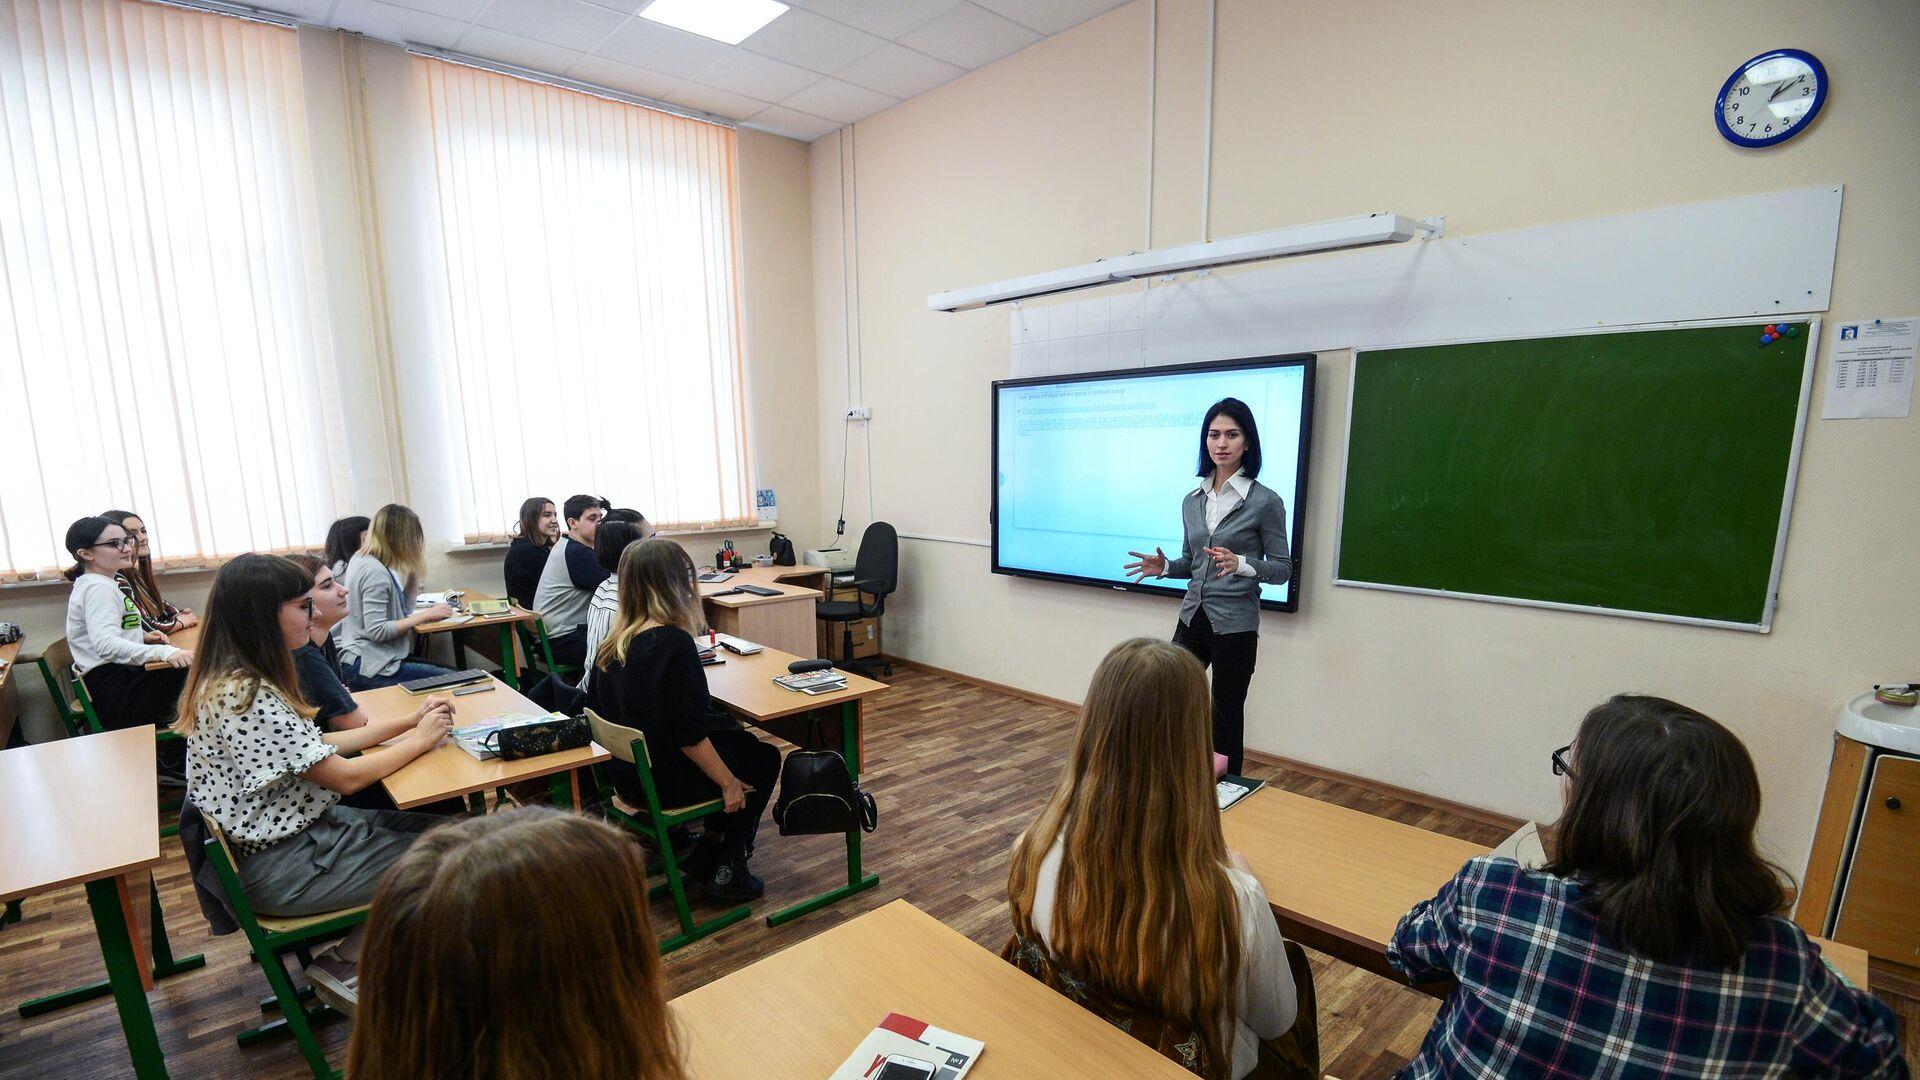 Урок в школе - РИА Новости, 1920, 12.10.2020